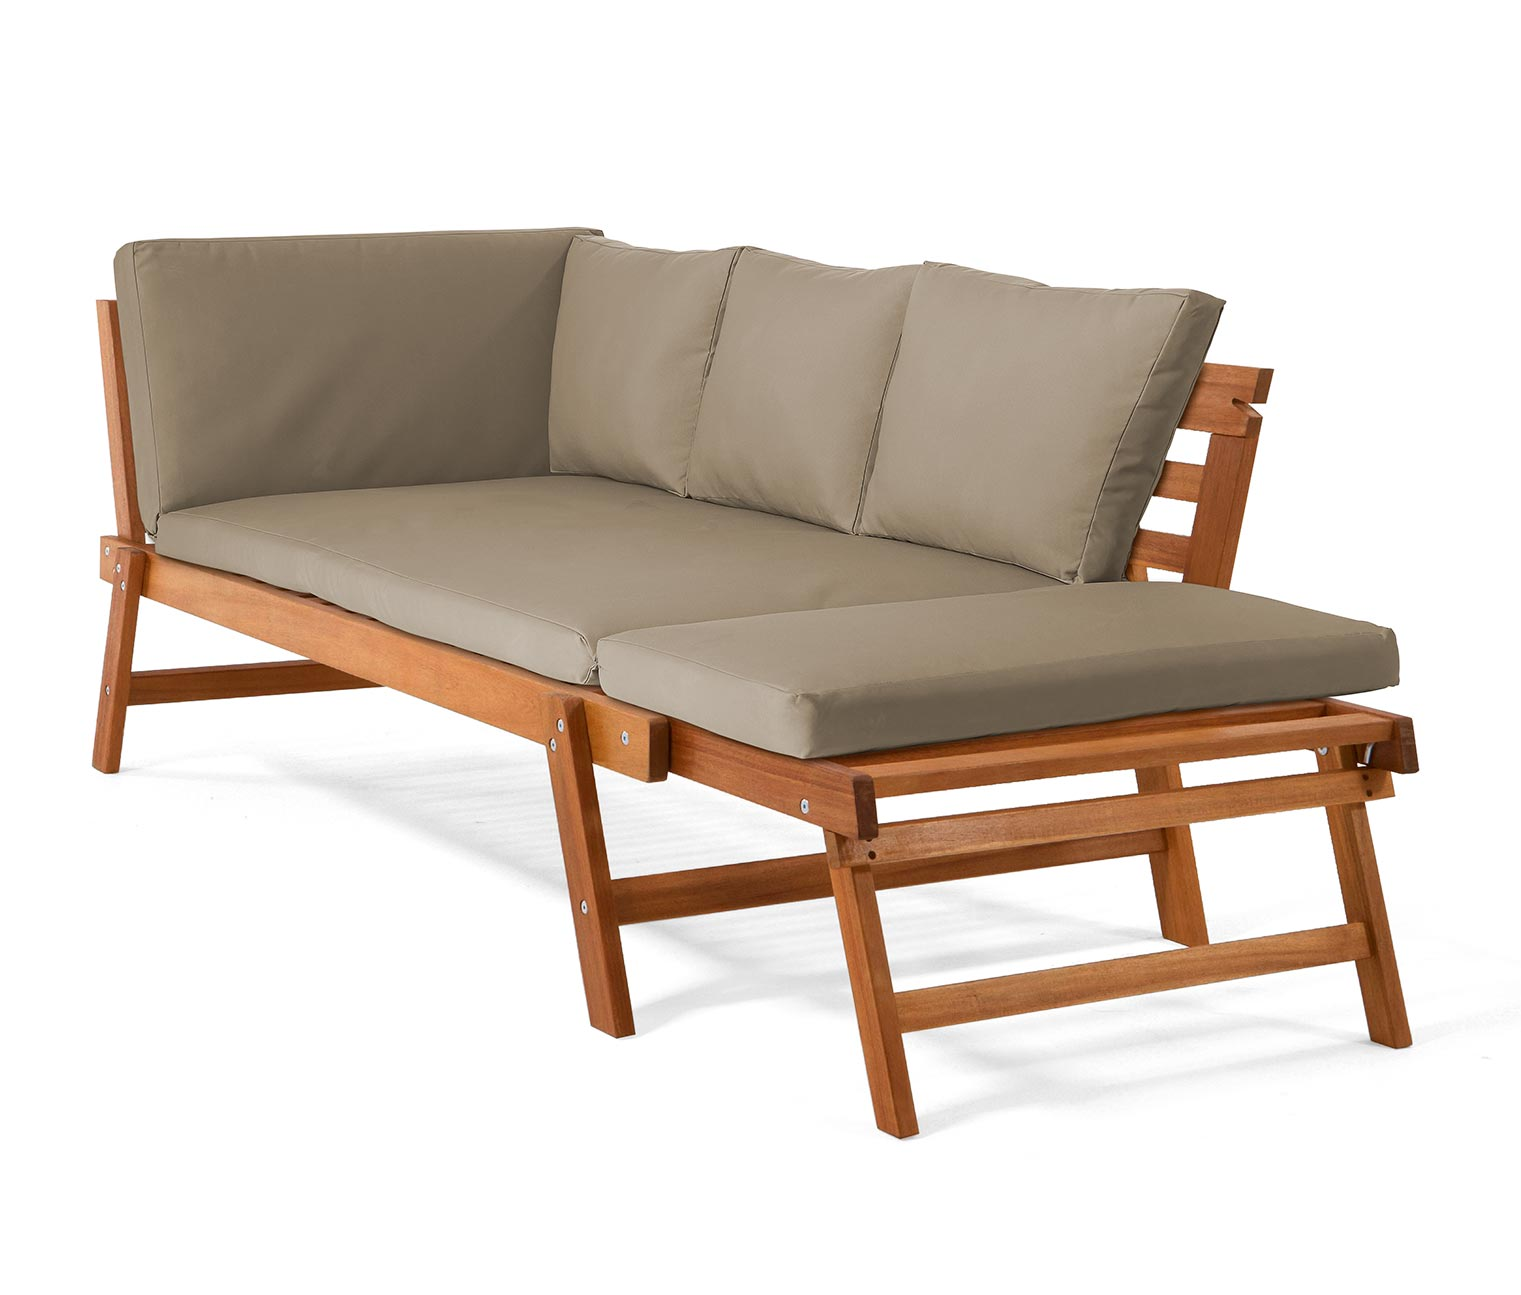 Full Size of Gartensofa Tchibo Komfort 2 In 1 15 Sparen Daybed Aus Akazienholz Nur 279 Wohnzimmer Gartensofa Tchibo